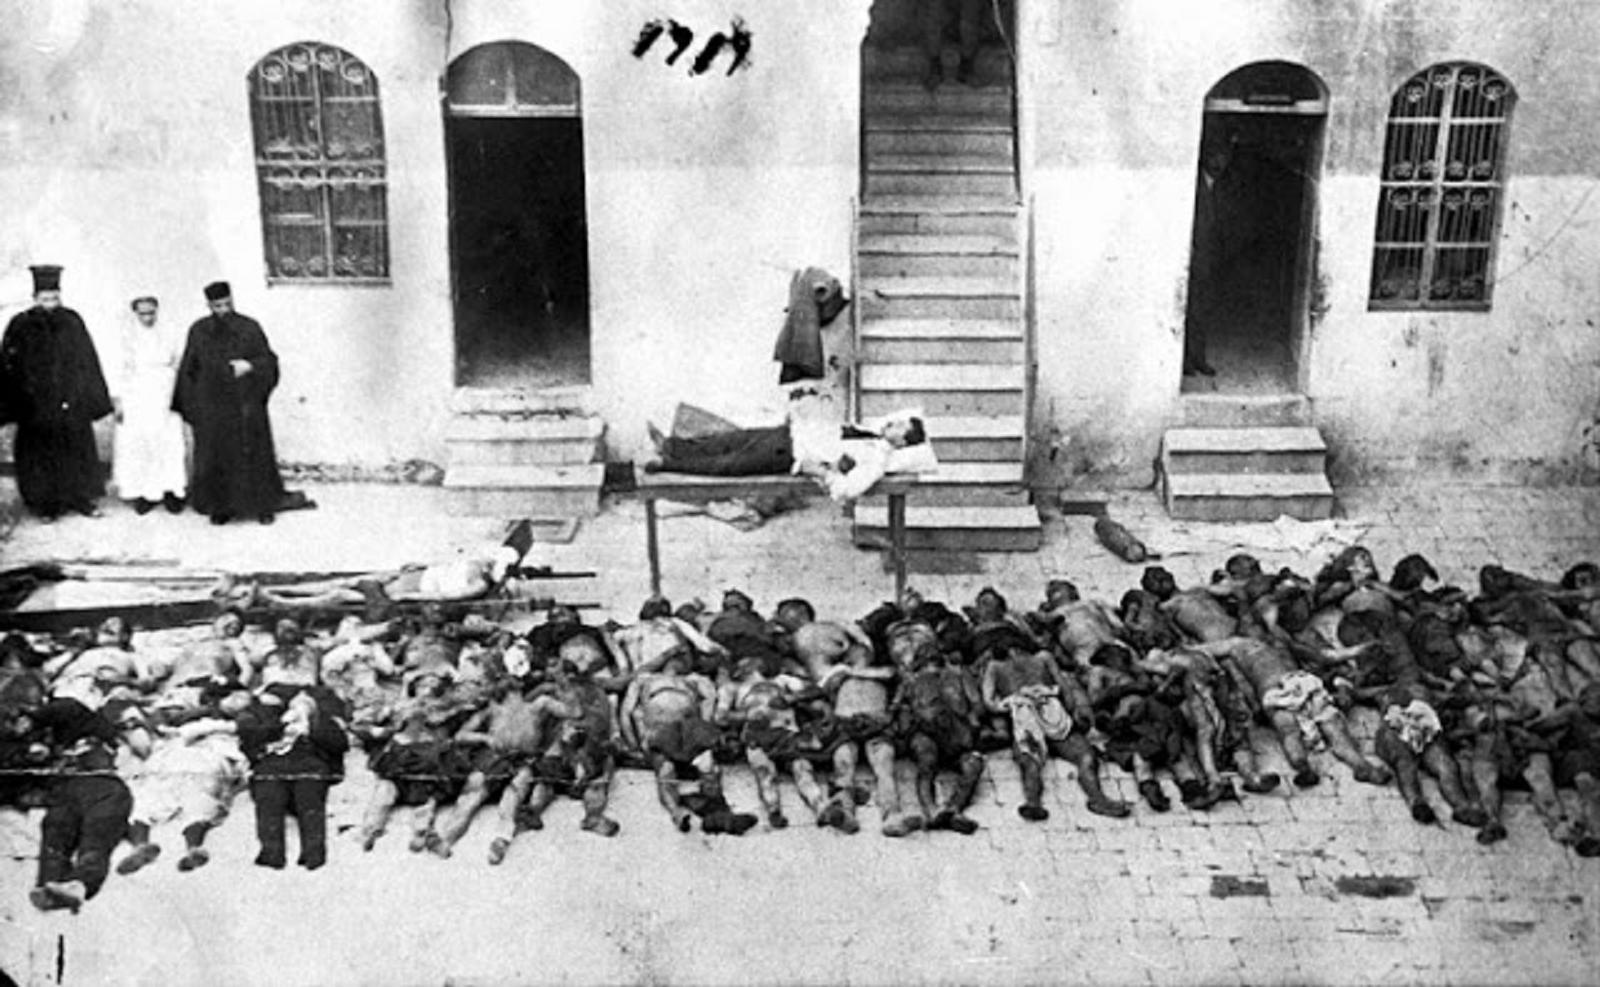 Αποτέλεσμα εικόνας για γενοκτονία ποντίων